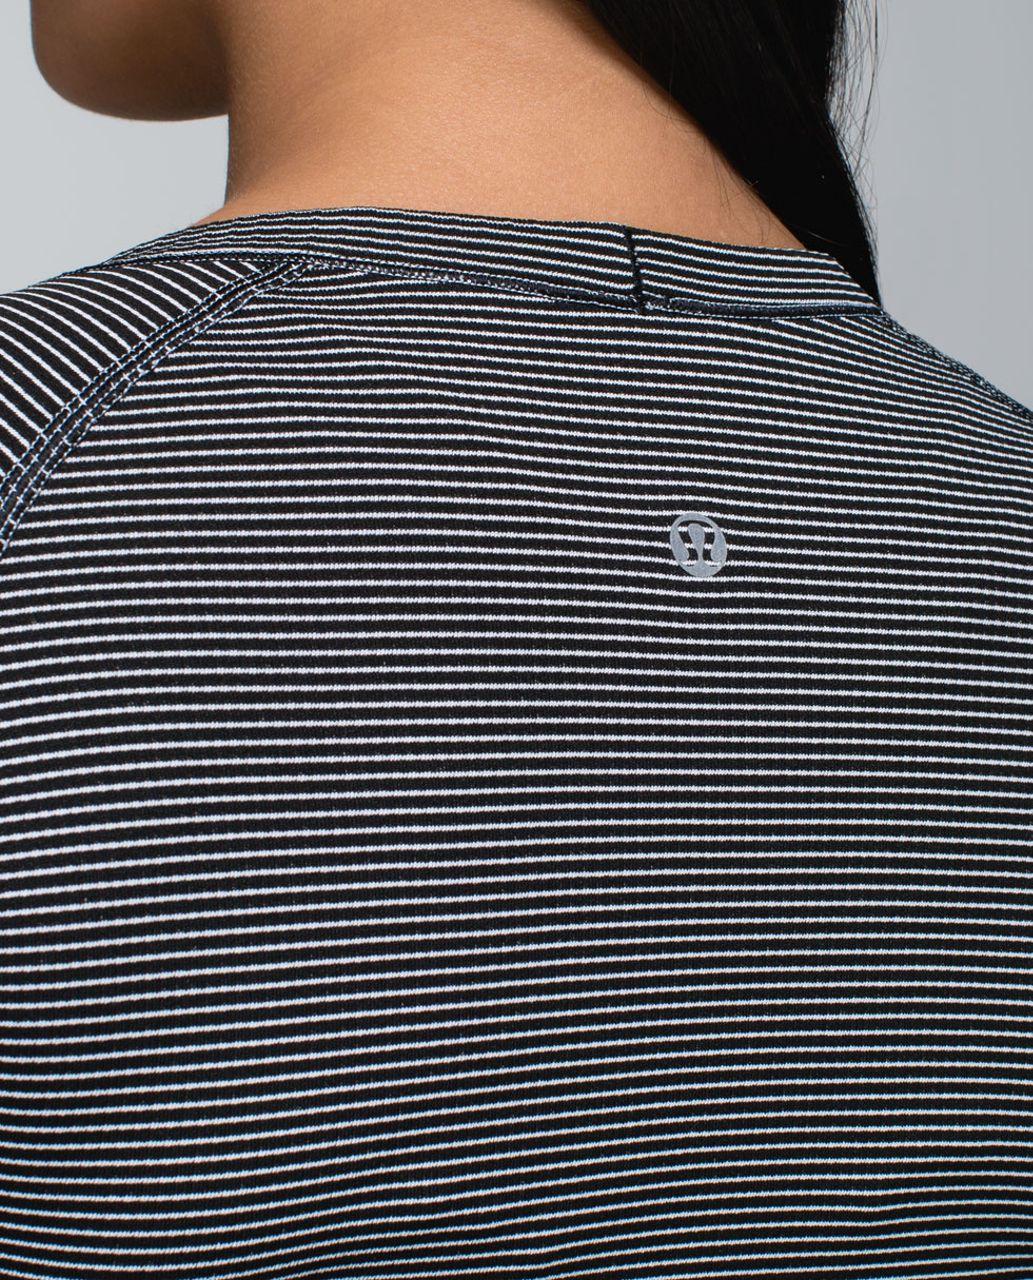 Lululemon Run:  Swiftly Tech Long Sleeve Scoop - Hyper Stripe Black